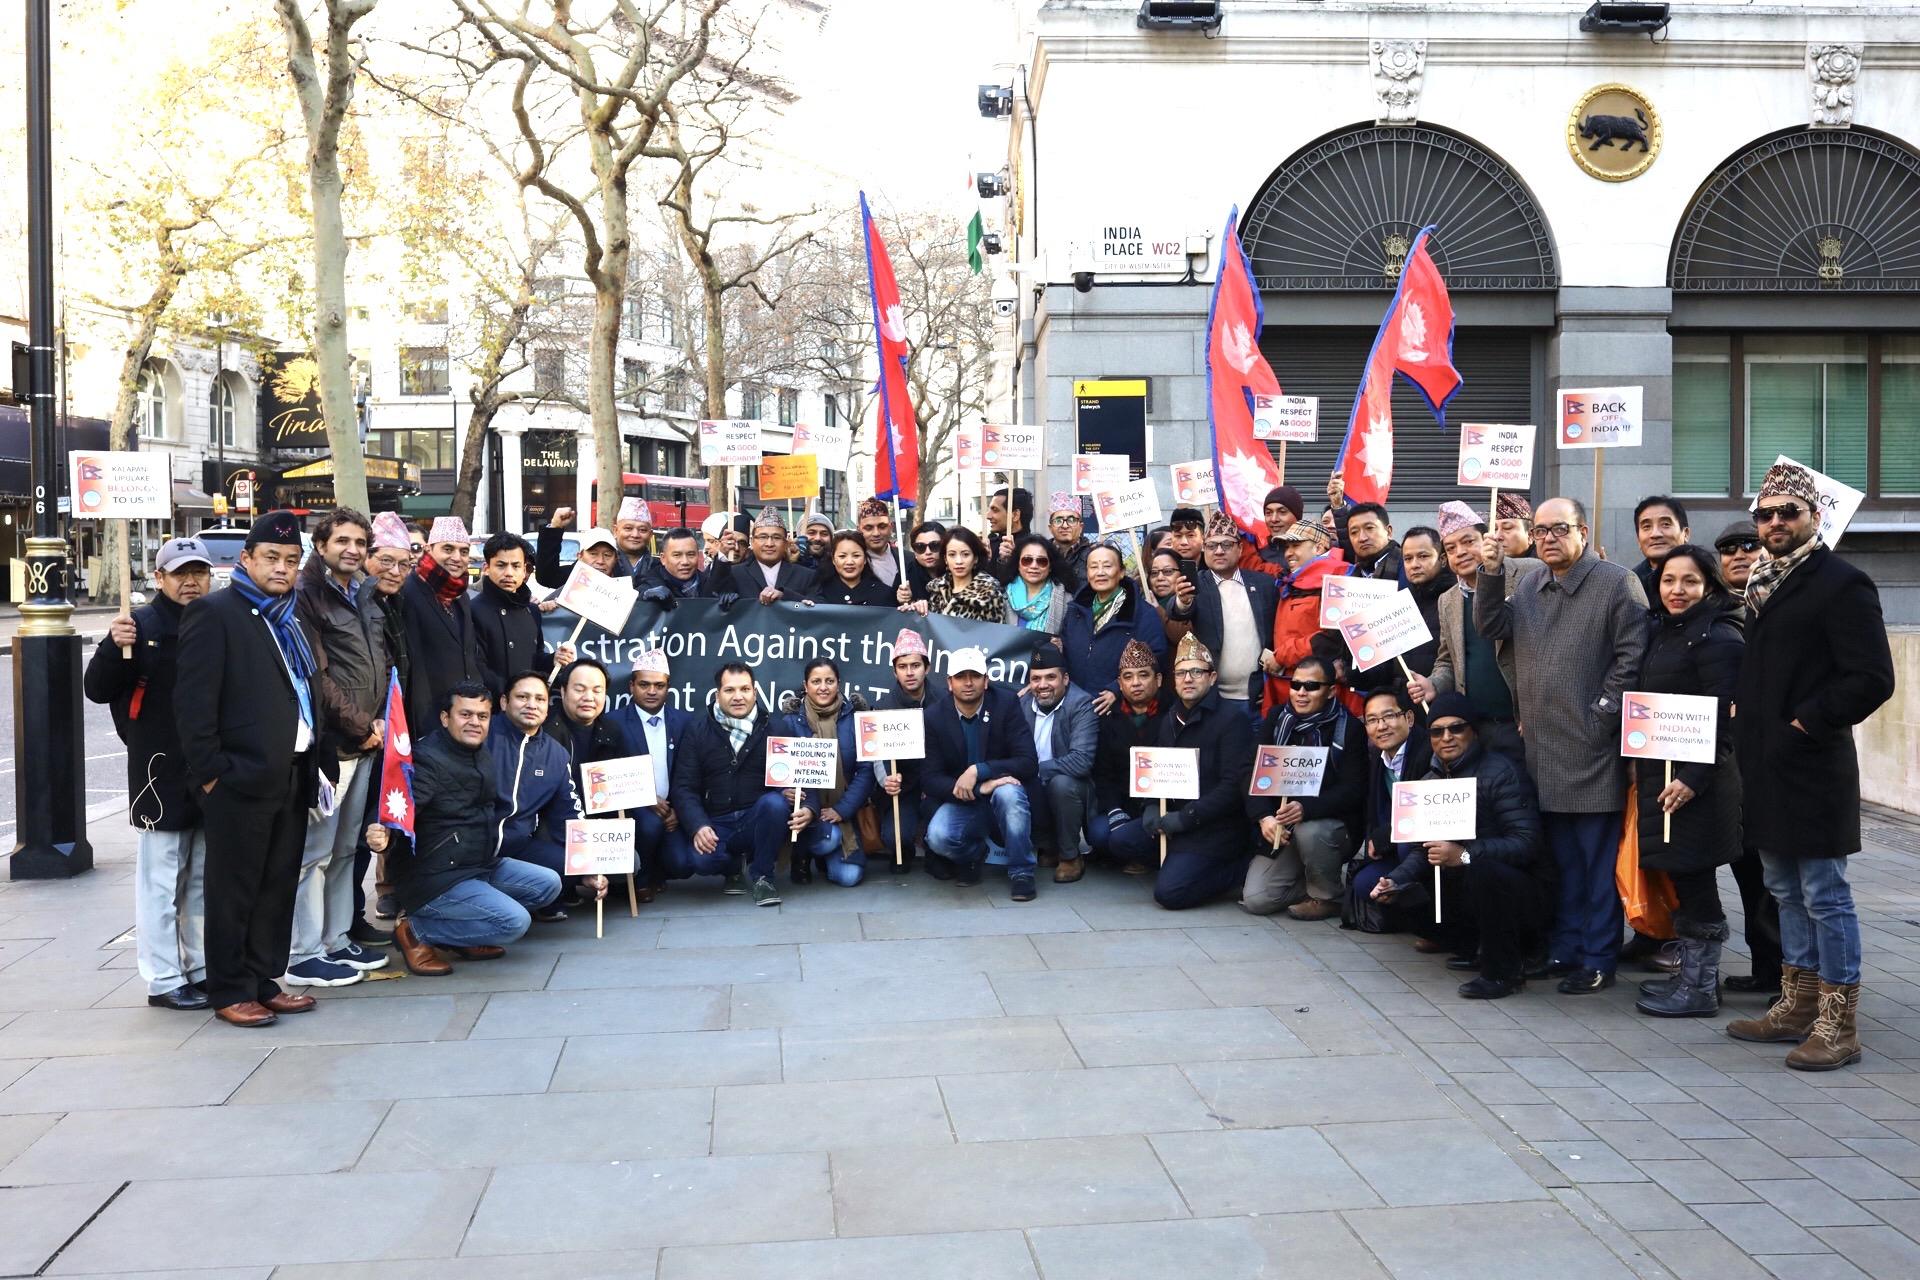 NRNA UK   ले लण्डन स्थित भारतीय हाई कमिसन अगाडी ब्याक अफ इन्डियाको नारा लगाउदै